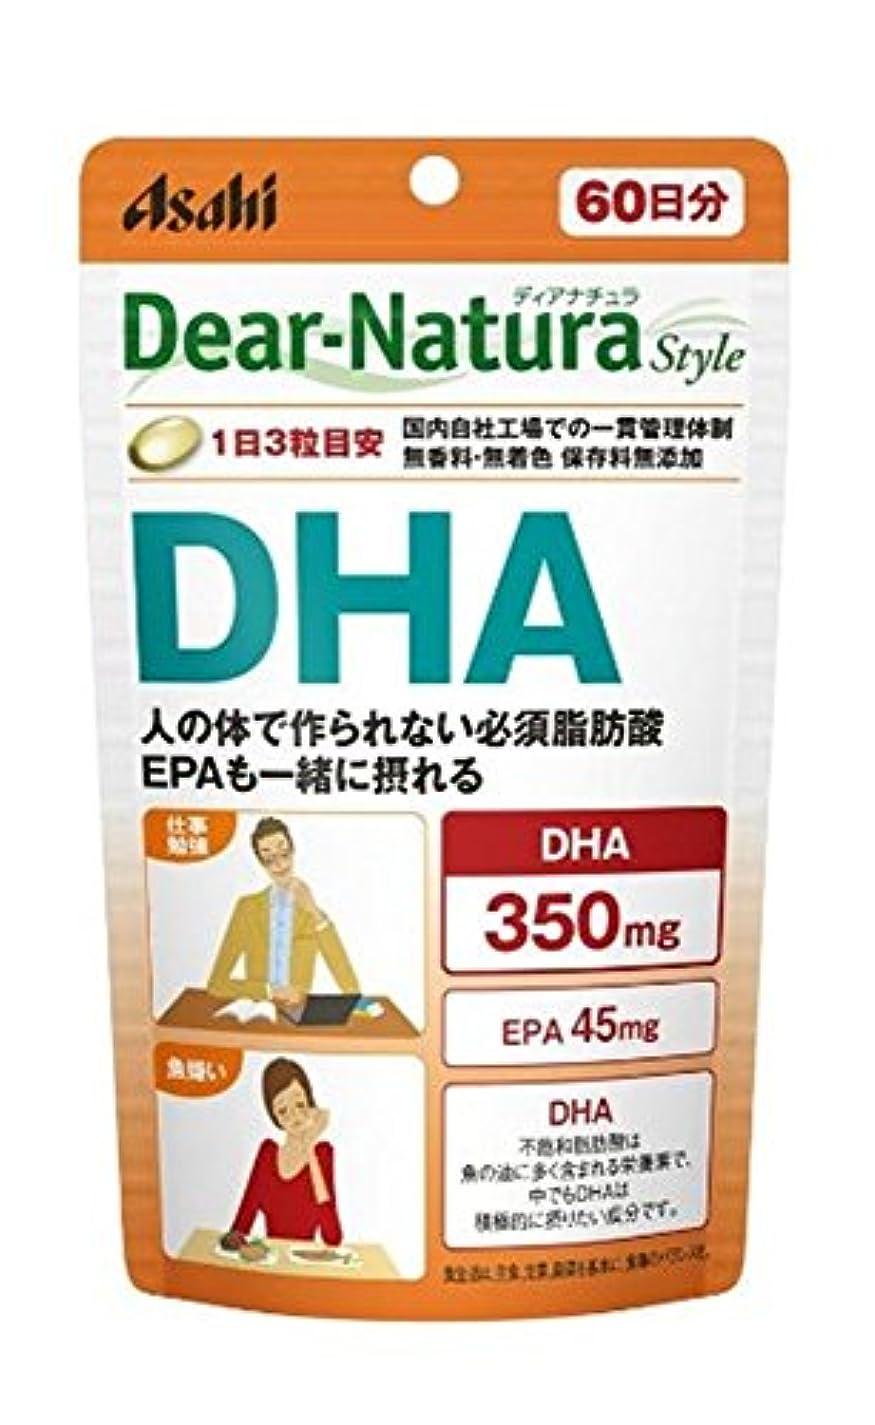 十分ではないゆるい早くアサヒグループ食品 ディアナチュラスタイルDHA 180粒(60日分)